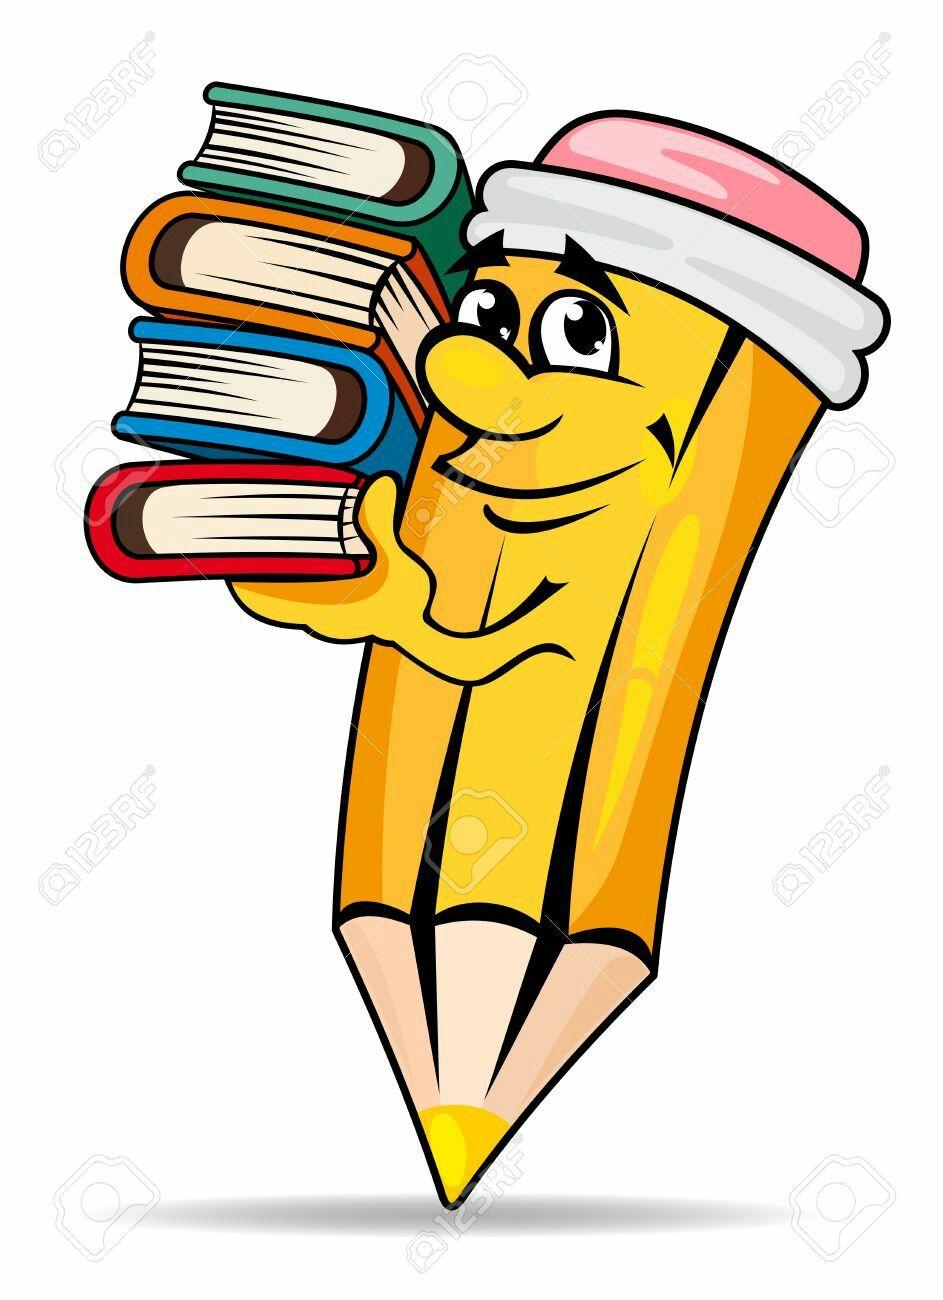 Pin De Yoleidy Noguera En Szkola Imagenes De Libros Animados Dibujos De Libros Animados Libros Animados